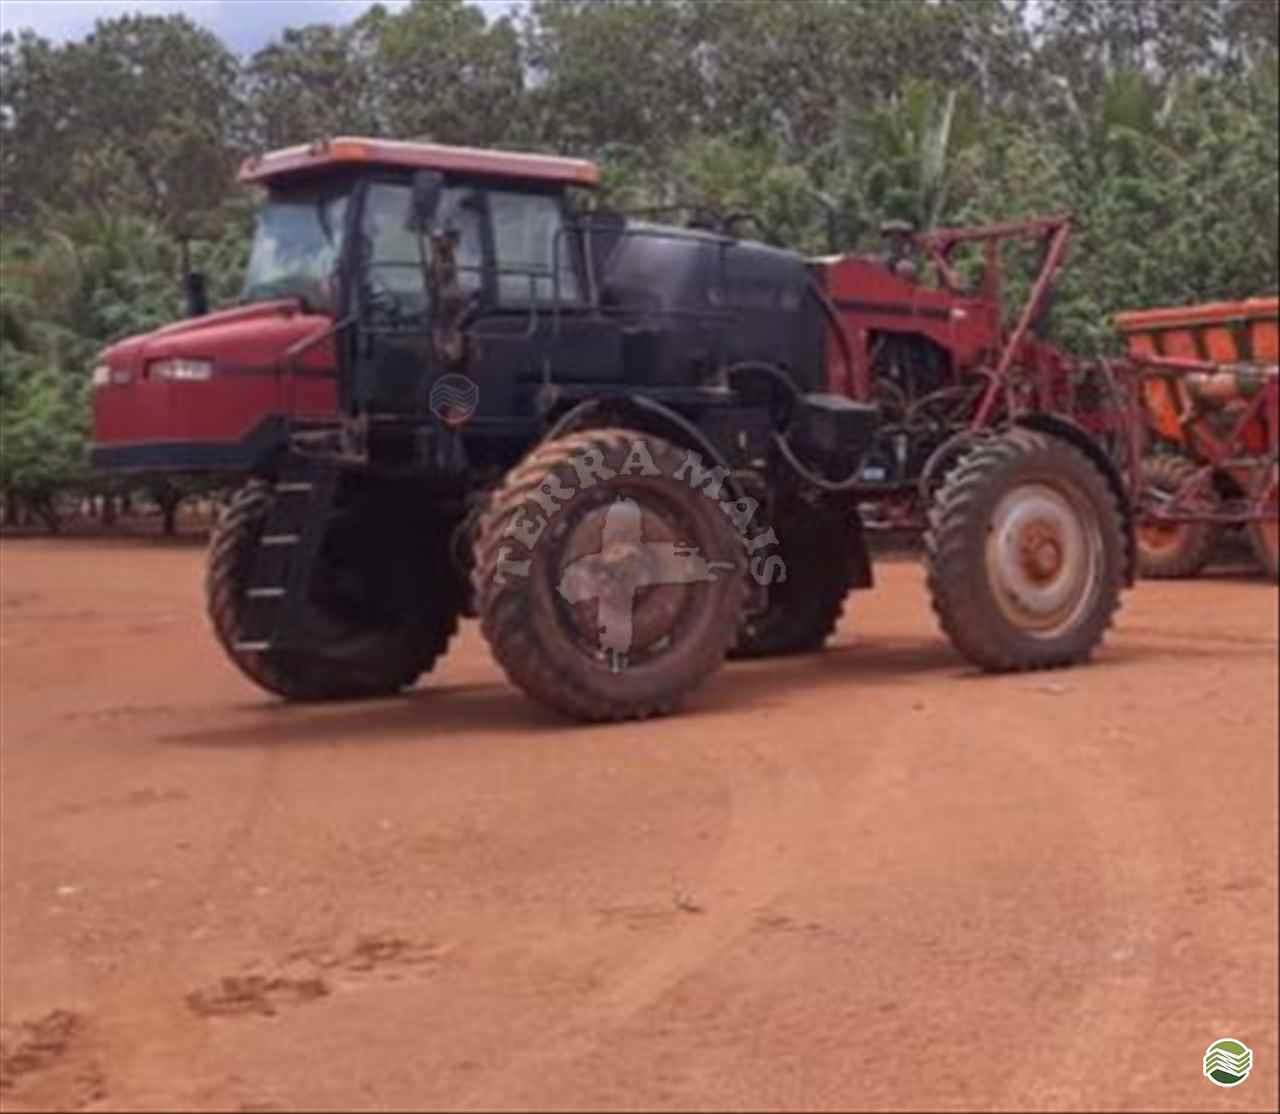 PULVERIZADOR CASE PATRIOT 350 Tração 4x4 Terra Mais Implementos Agrícolas TOLEDO PARANÁ PR